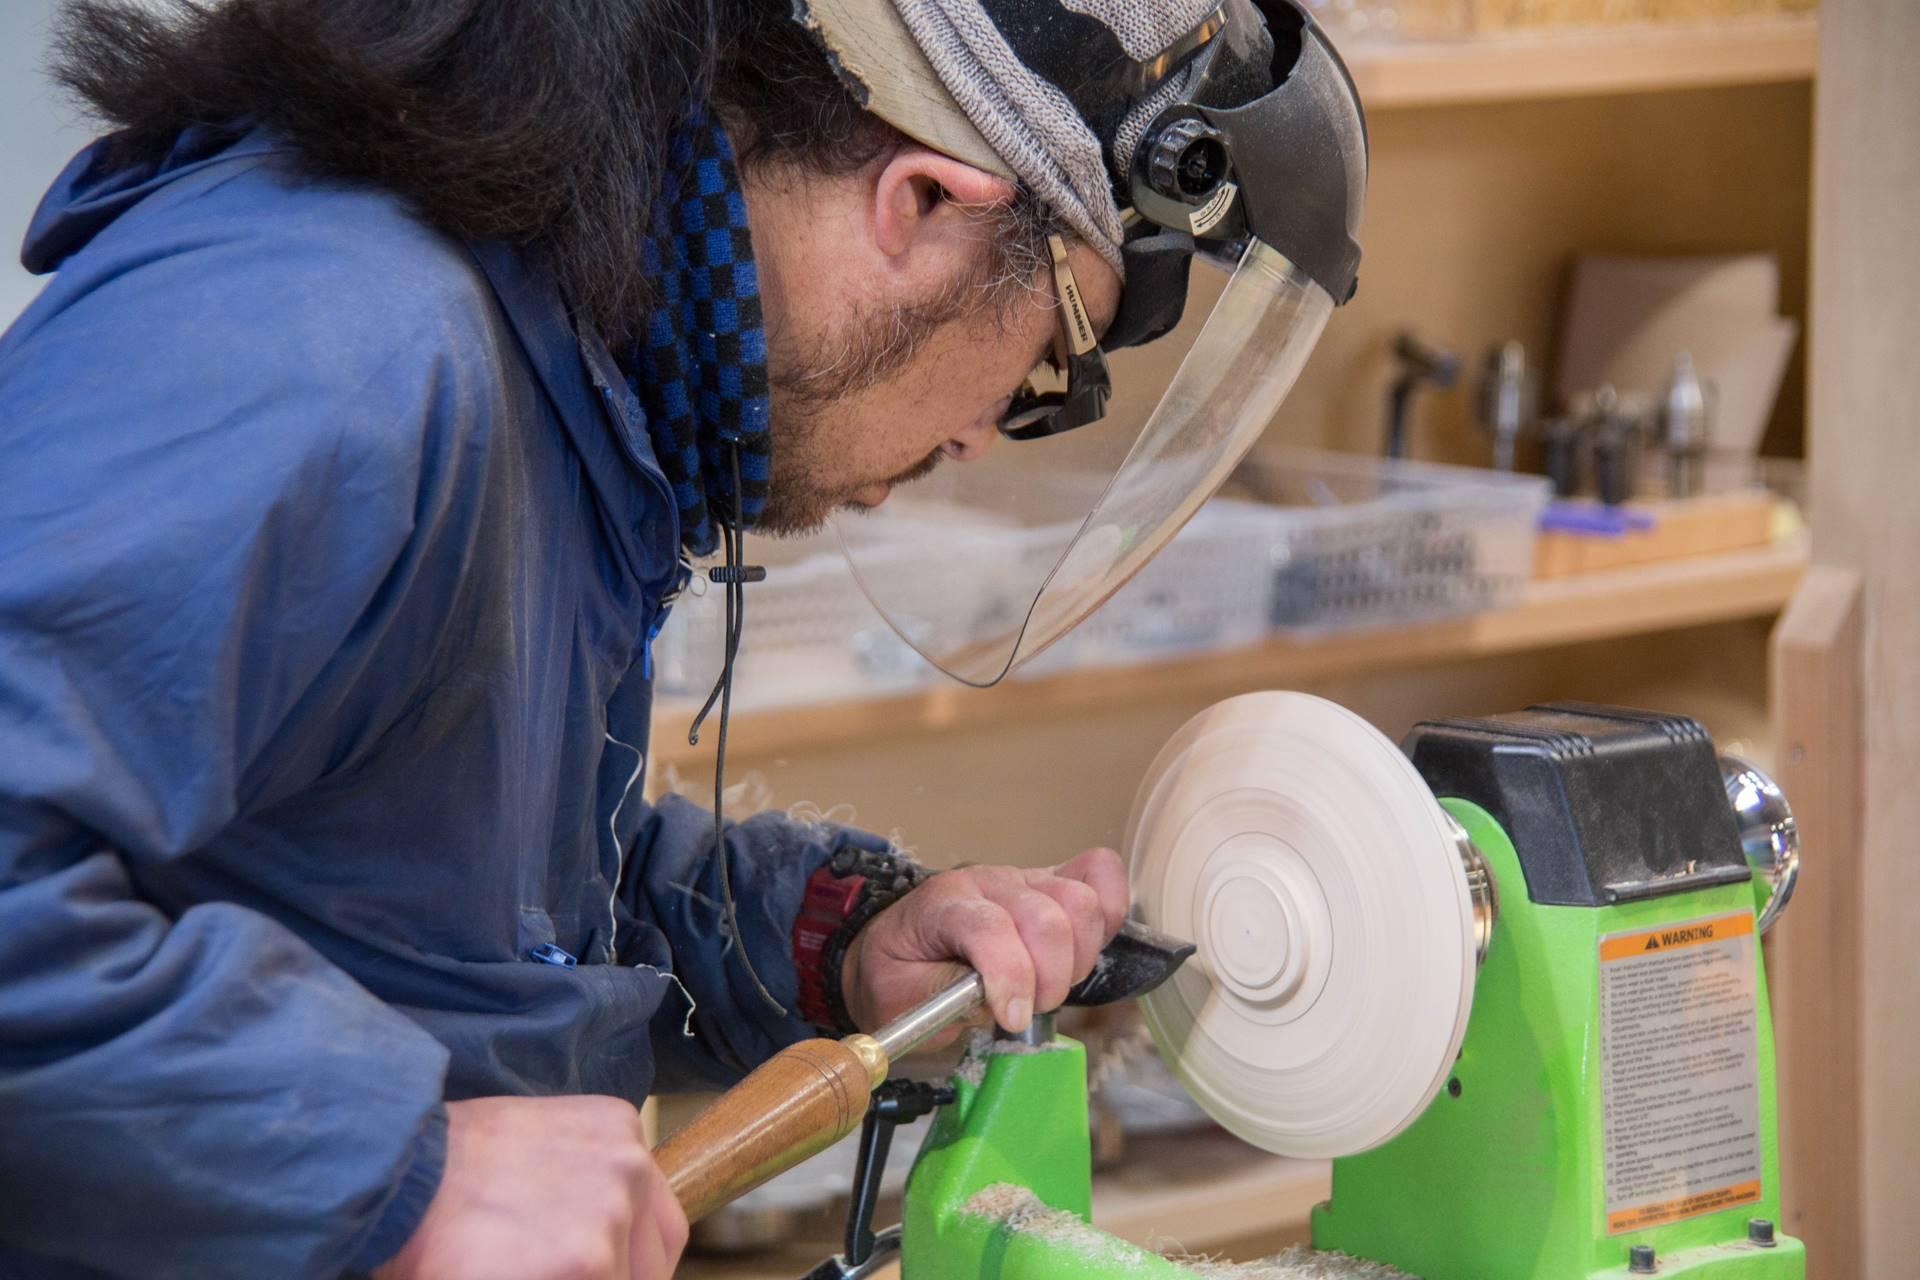 ツバキラボ 木工旋盤 教室 レッスン